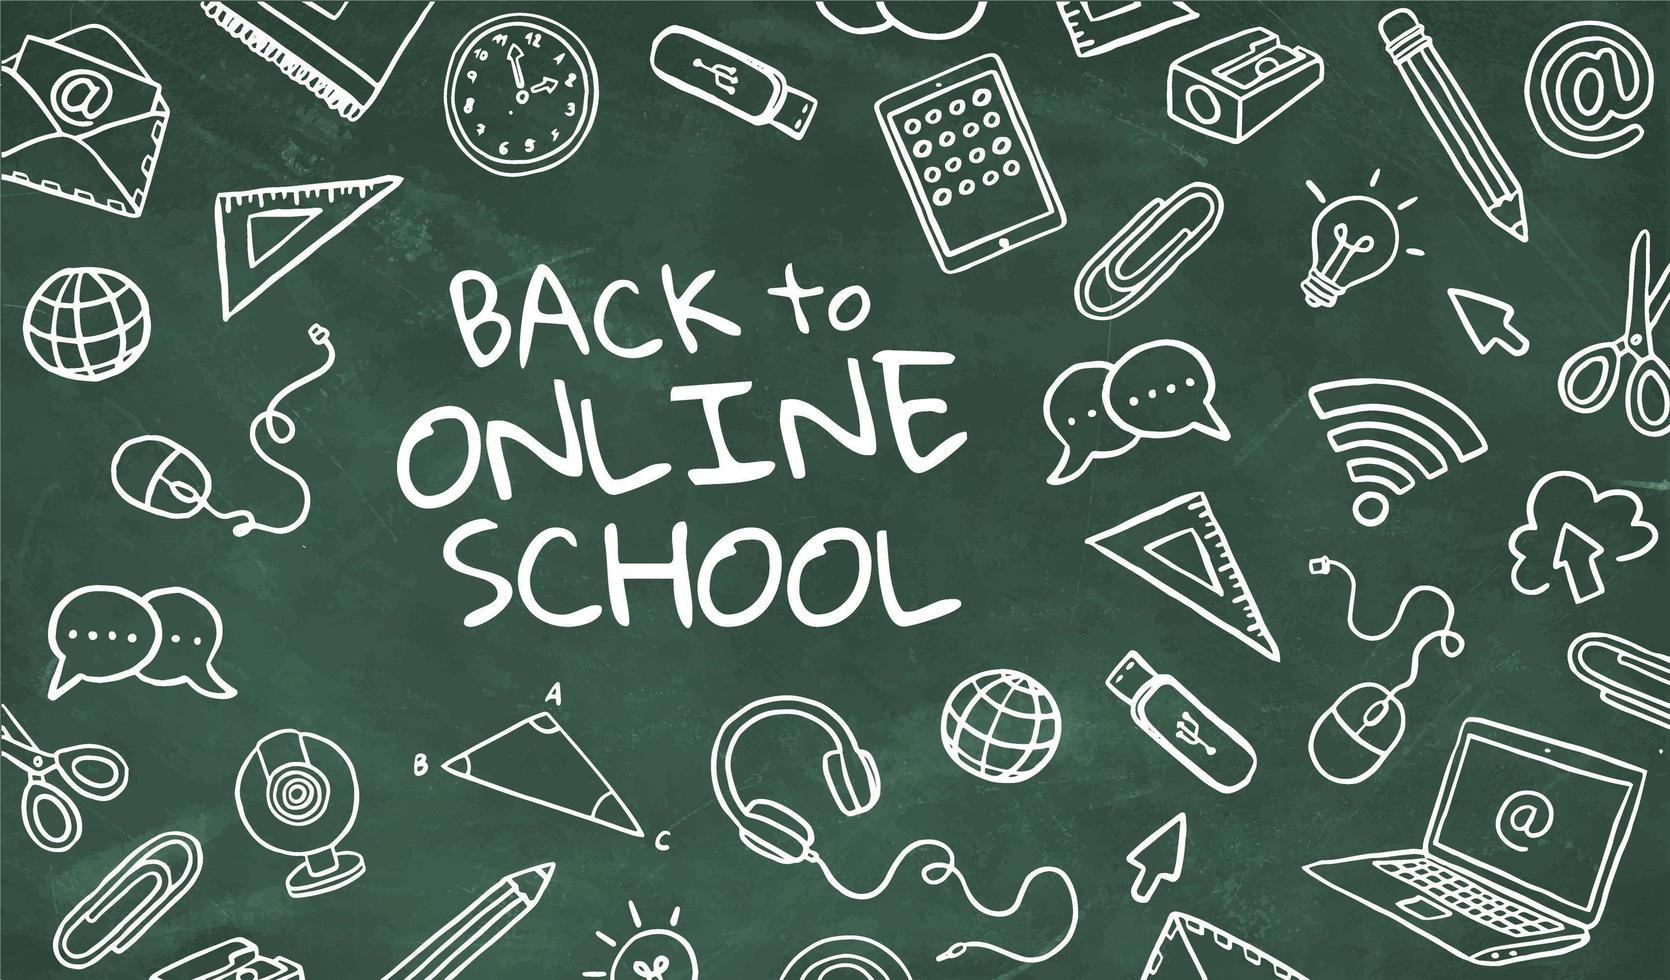 tillbaka till online skolkoncept vektor